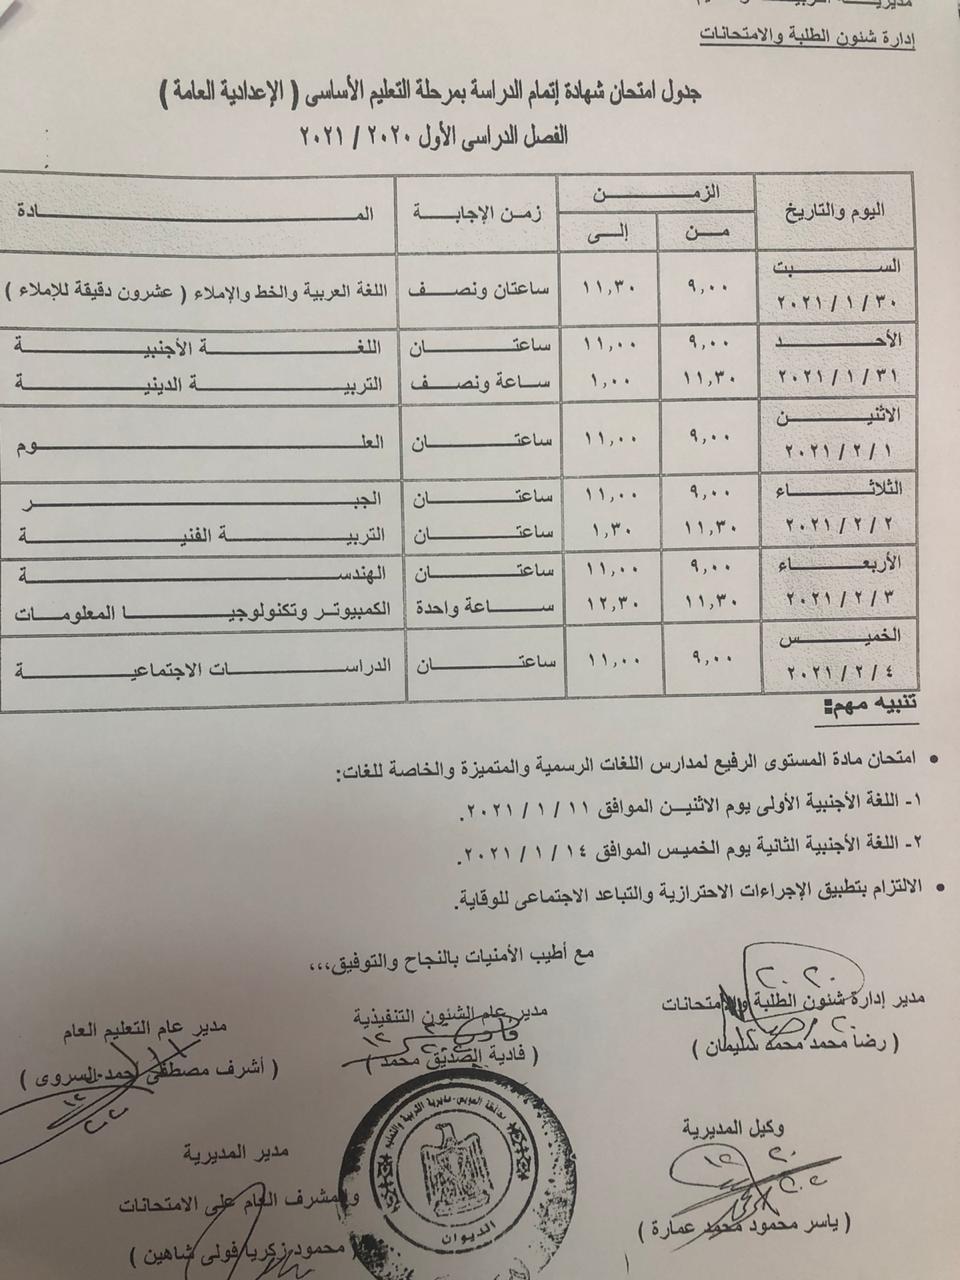 جدول امتحانات الشهادة الاعدادية الترم الاول 2021 جميع المحافظات 13212410